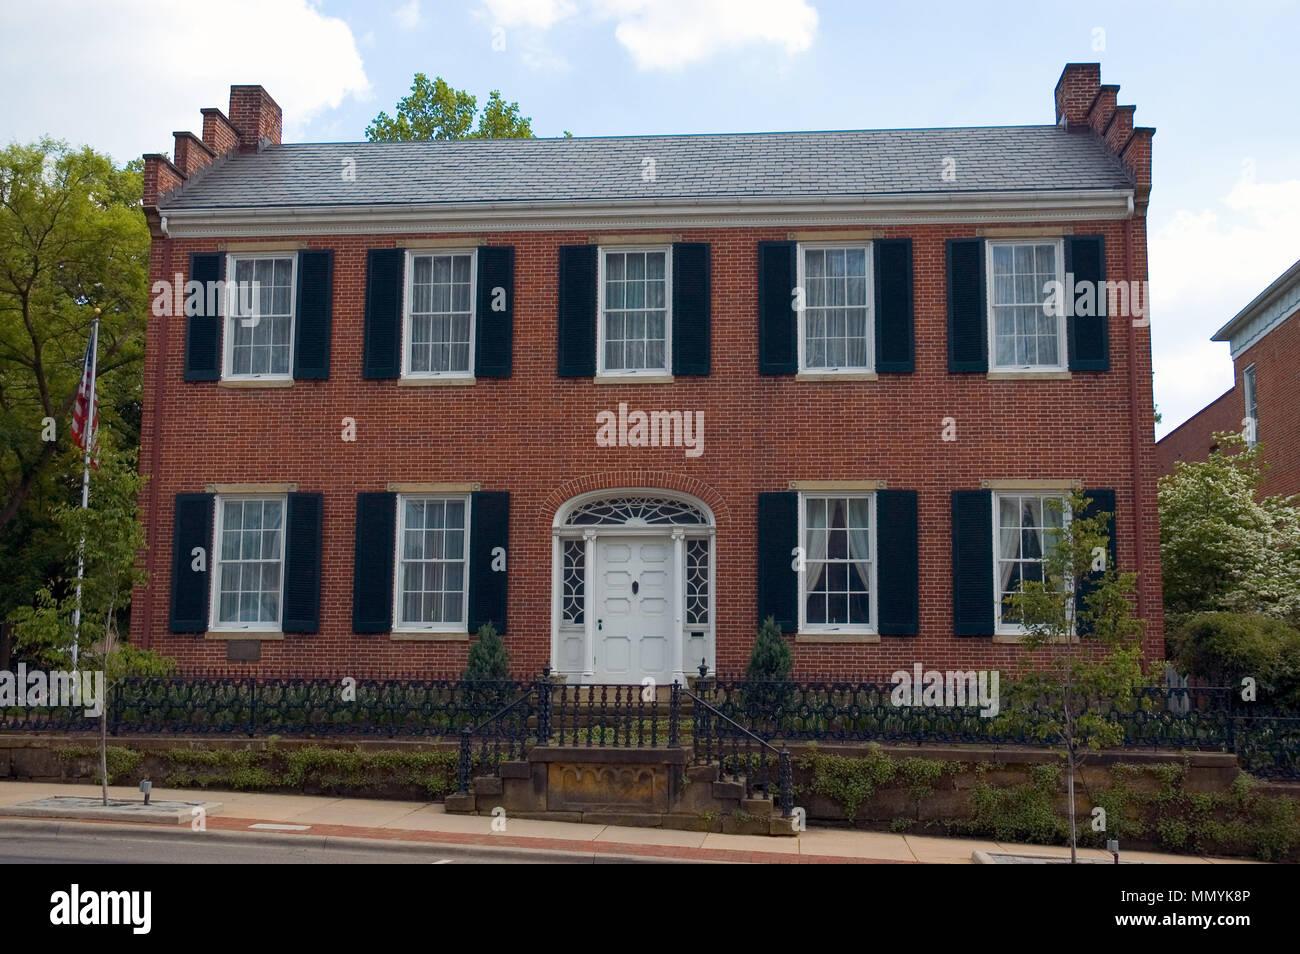 Maison de style fédéral en brique rouge très design symétrique